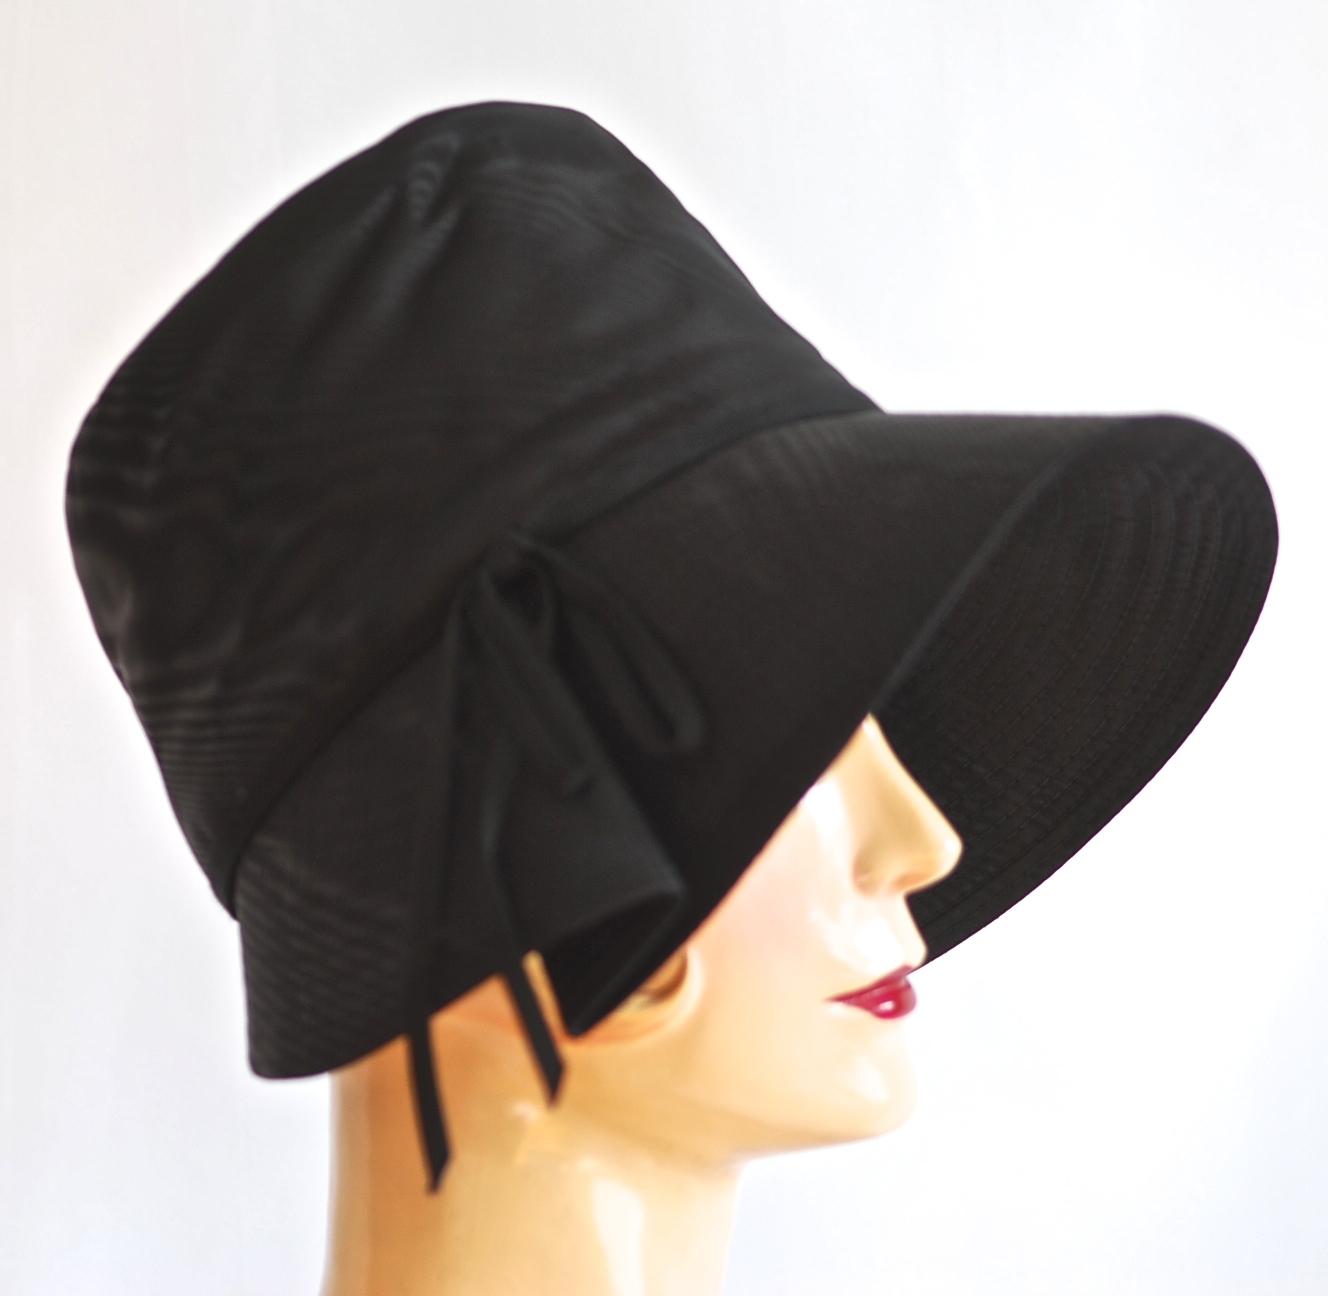 Jerry Yates 1960 s Black Bonnet Style Hat - New York 1e658c68c3a